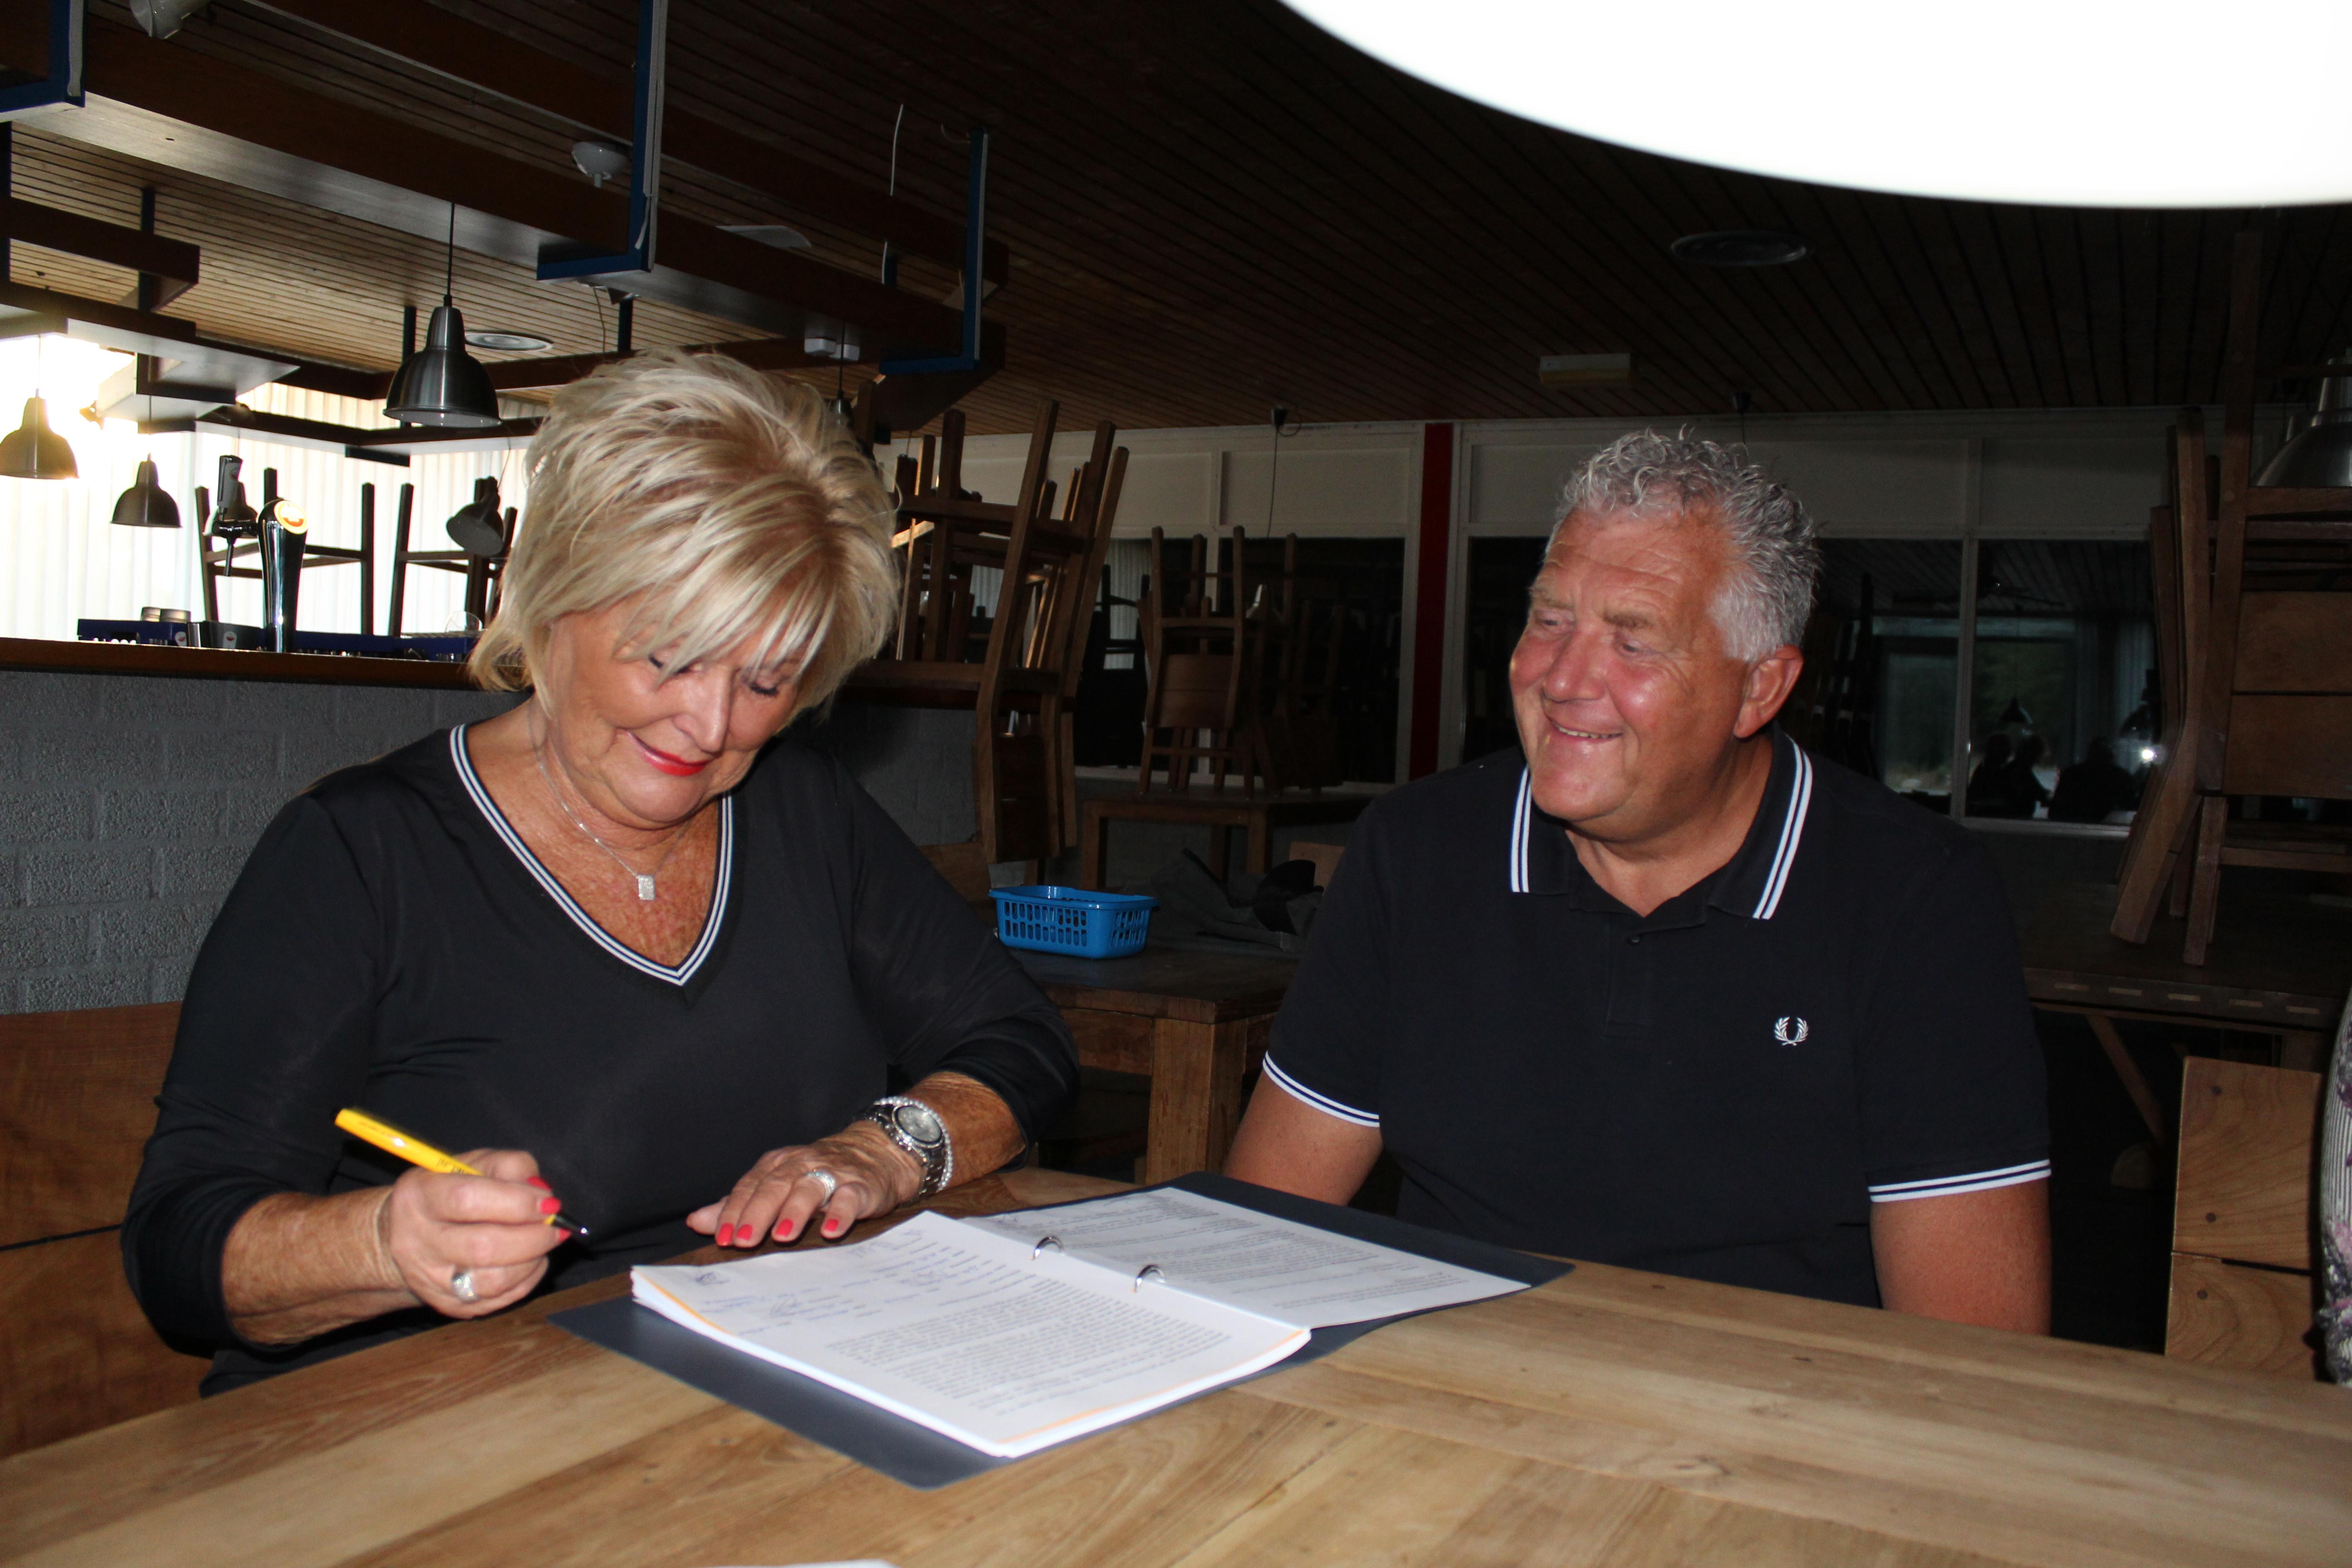 Beheerdersechtpaar Walda, Voorzitter Van Vloten en Secretaris Sombroek, Ondertekening contract, Happy end. (Foto's: JWvD)